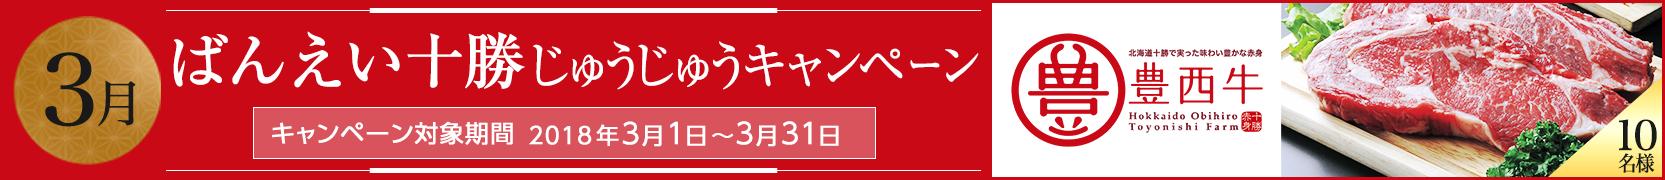 ばんえい十勝じゅうじゅうキャンペーン3月